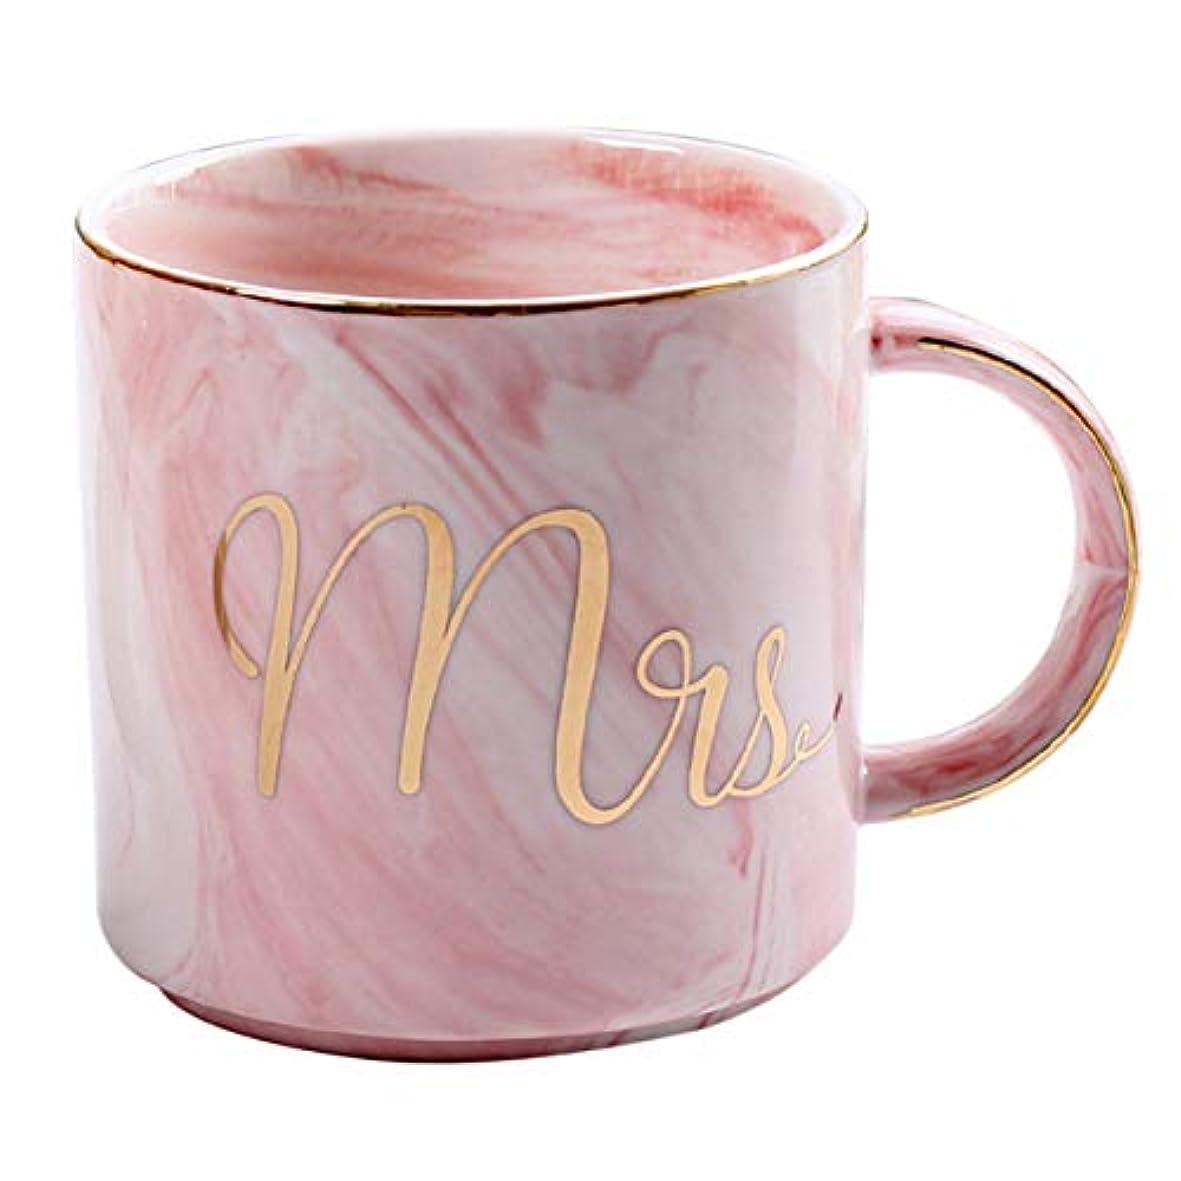 無意味色混乱させるSaikogoods 愛好家のためのホームオフィスベストギフトのための美しいMarbelパターンセラミック水マグレタープリントコーヒーカップ ピンク